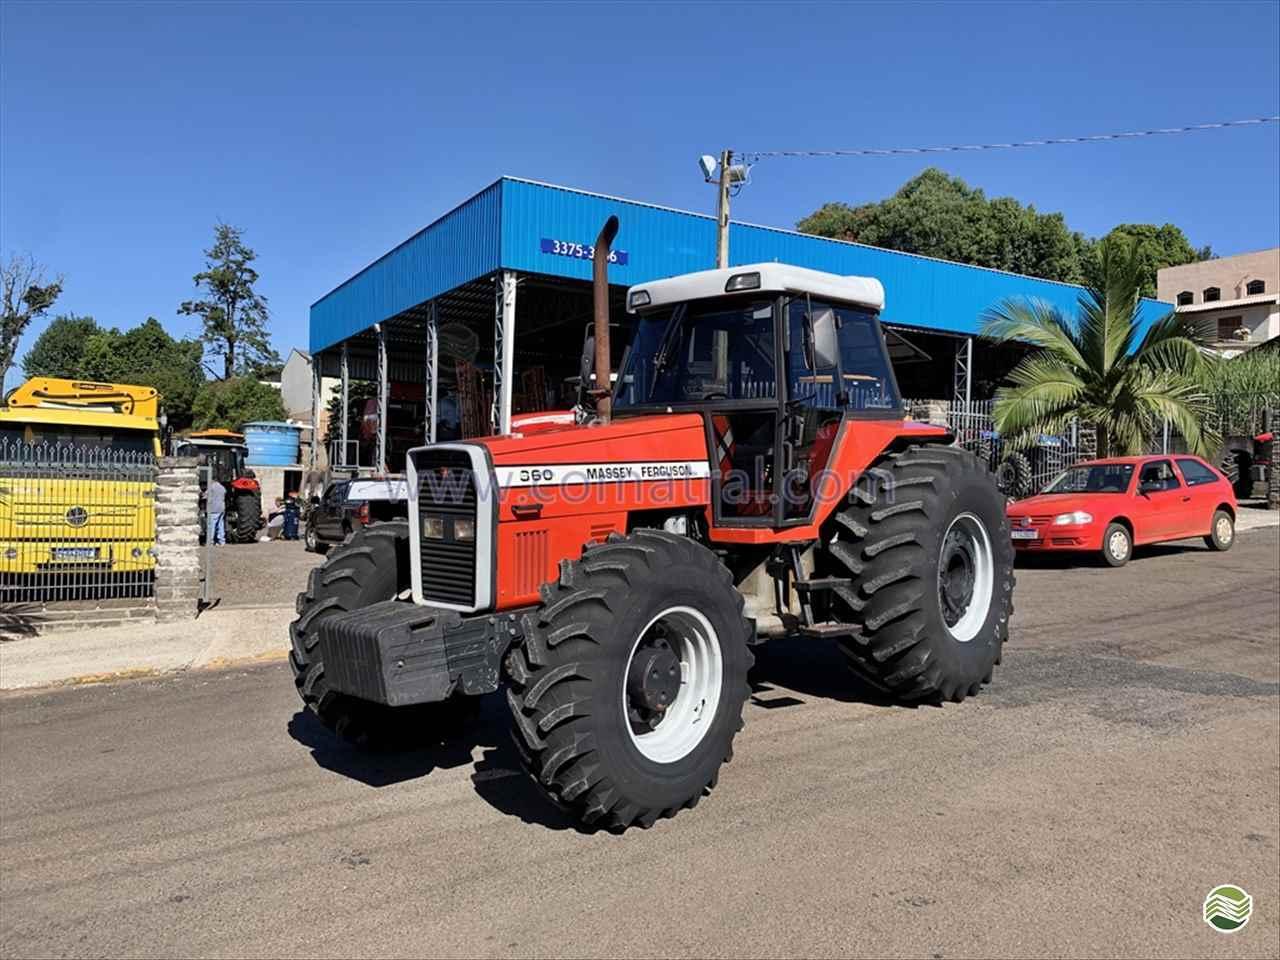 TRATOR MASSEY FERGUSON MF 660 Tração 4x4 Comatral Caminhões e Máquinas Agrícolas PANAMBI RIO GRANDE DO SUL RS